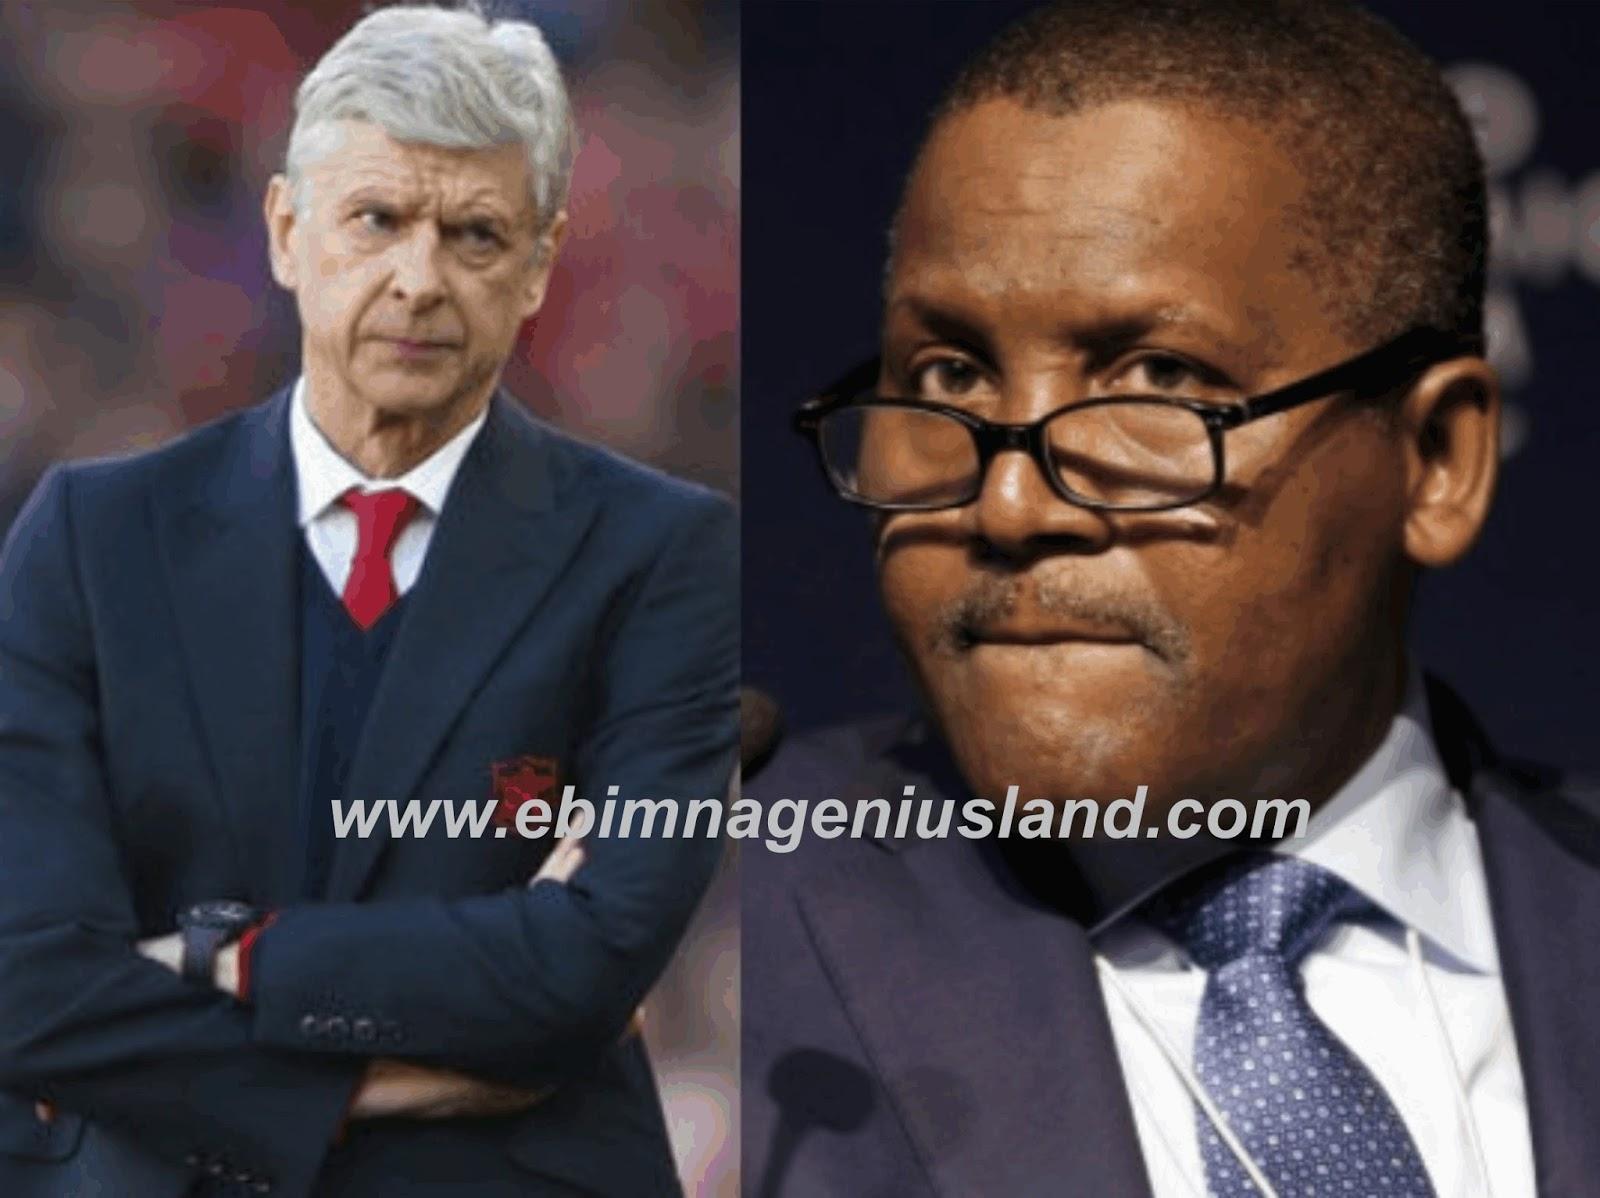 I will sack Wenger If I Buy Arsenal- Dangote Says